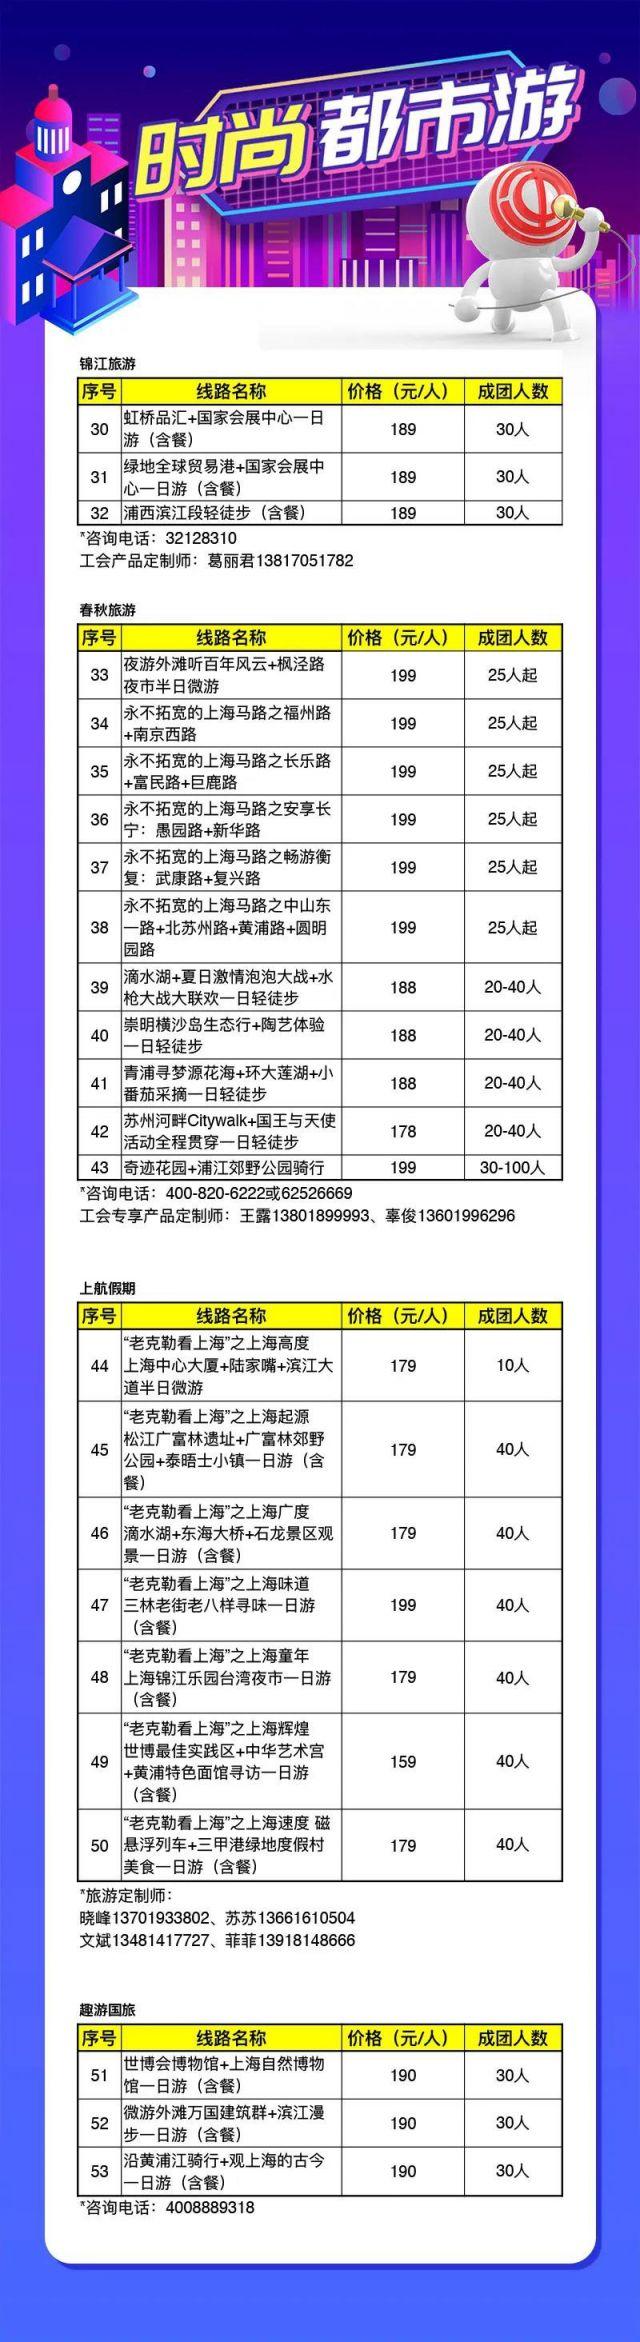 2020游上海5大主题117个特色�嫦呗吠萍�